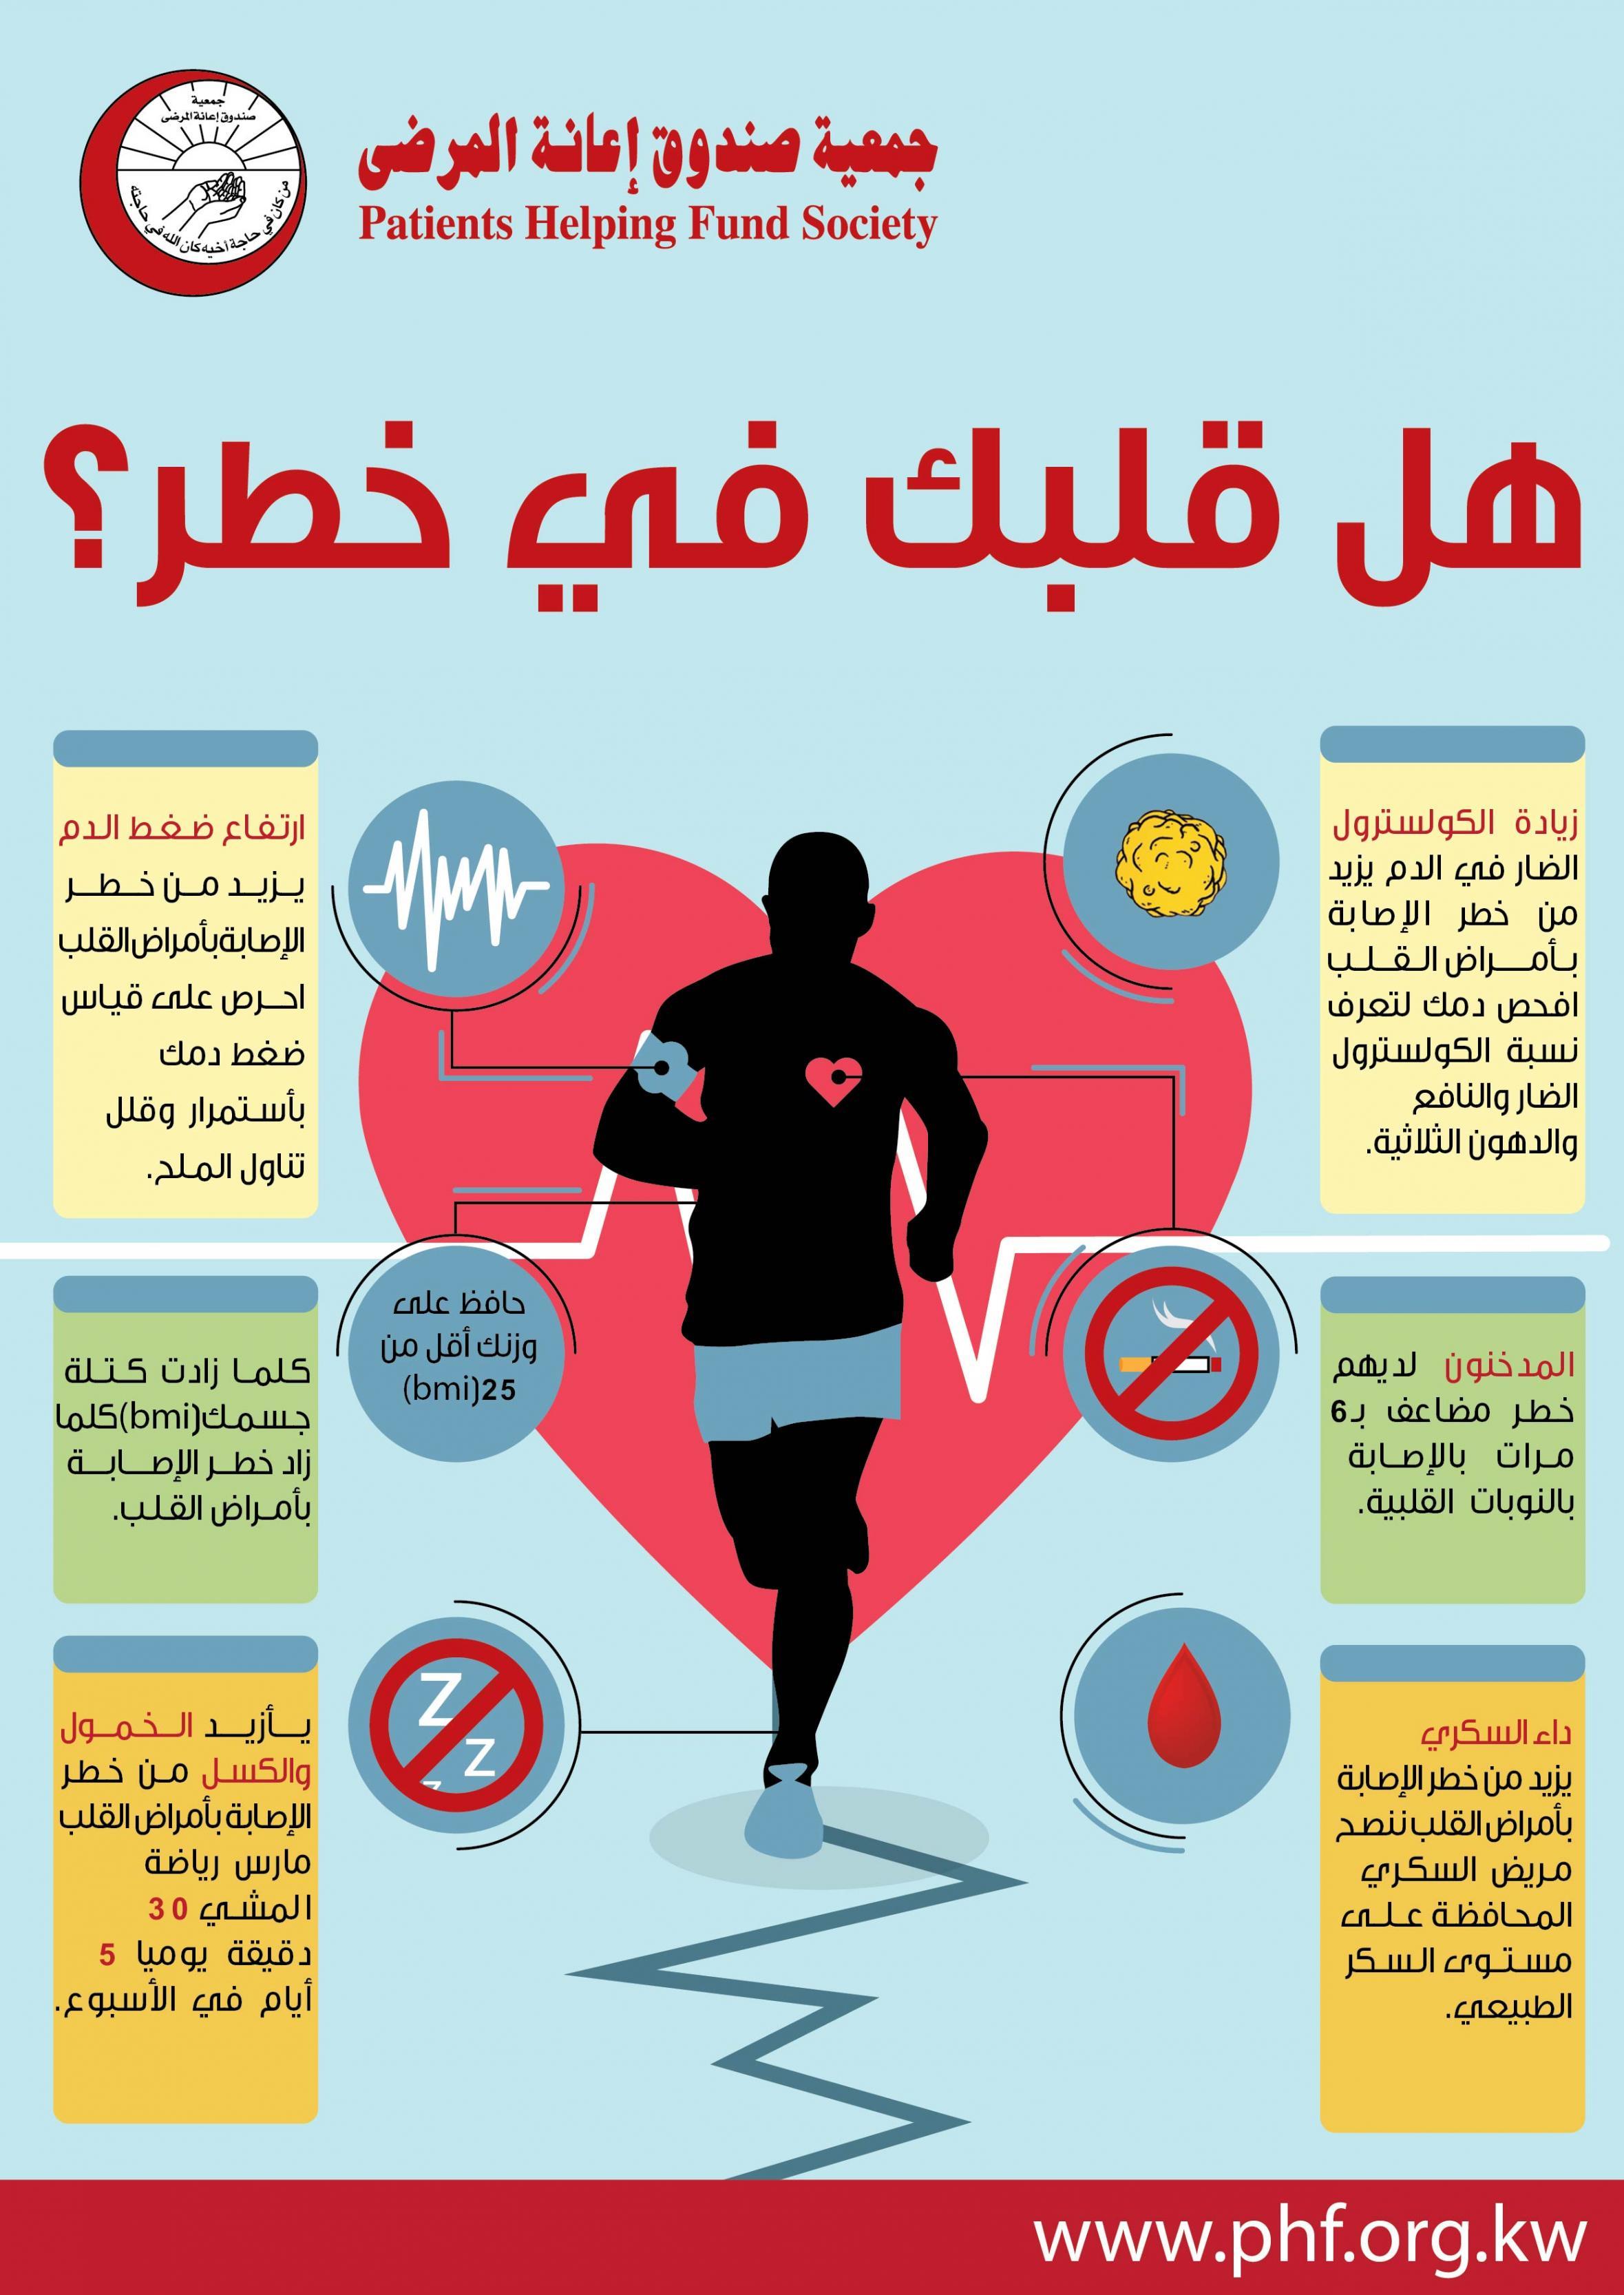 معلومات صحية اجمل صور لمعلومات صحيه جديده كيف